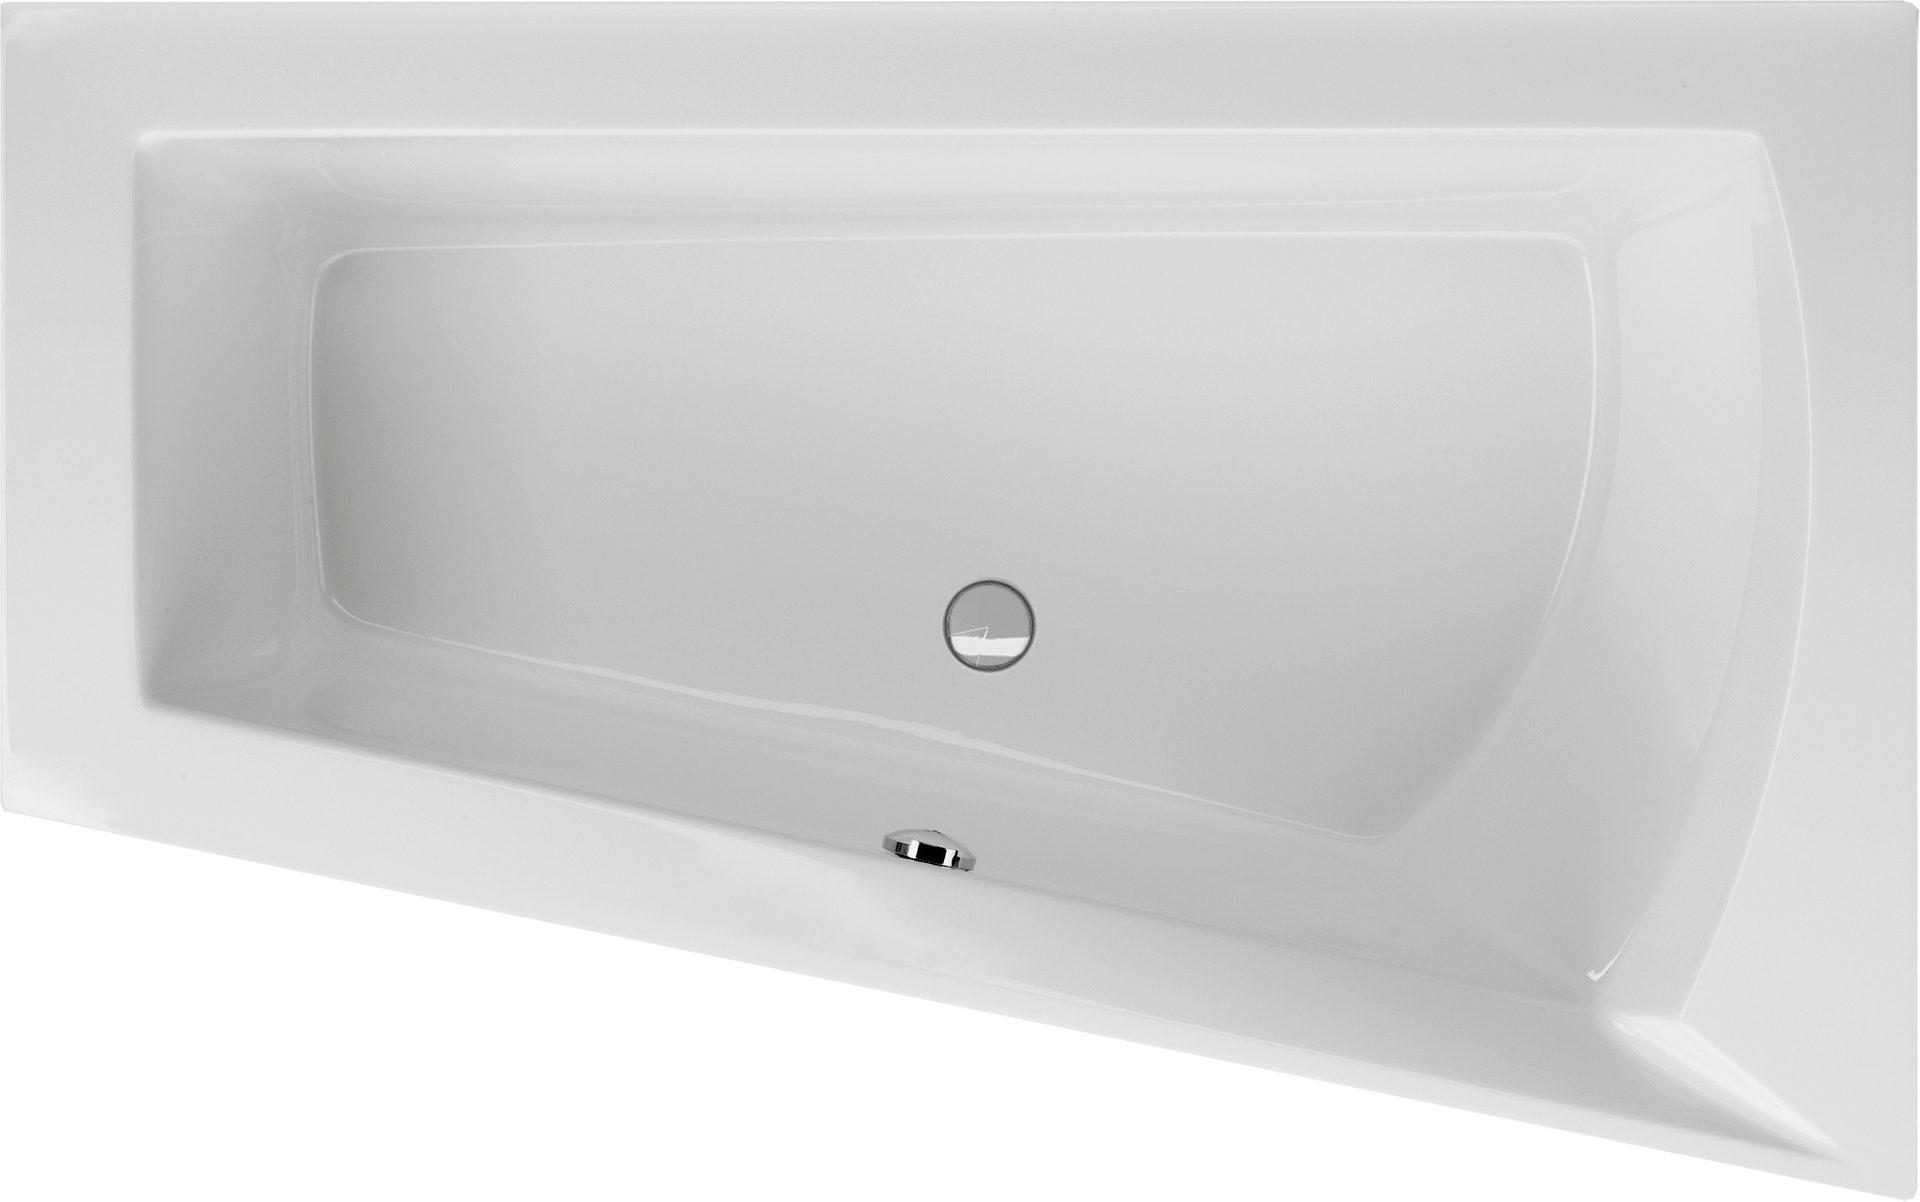 Extrem Raumsparwanne 160 x 100 x 50,5 cm | Bad Heizung Design BA99